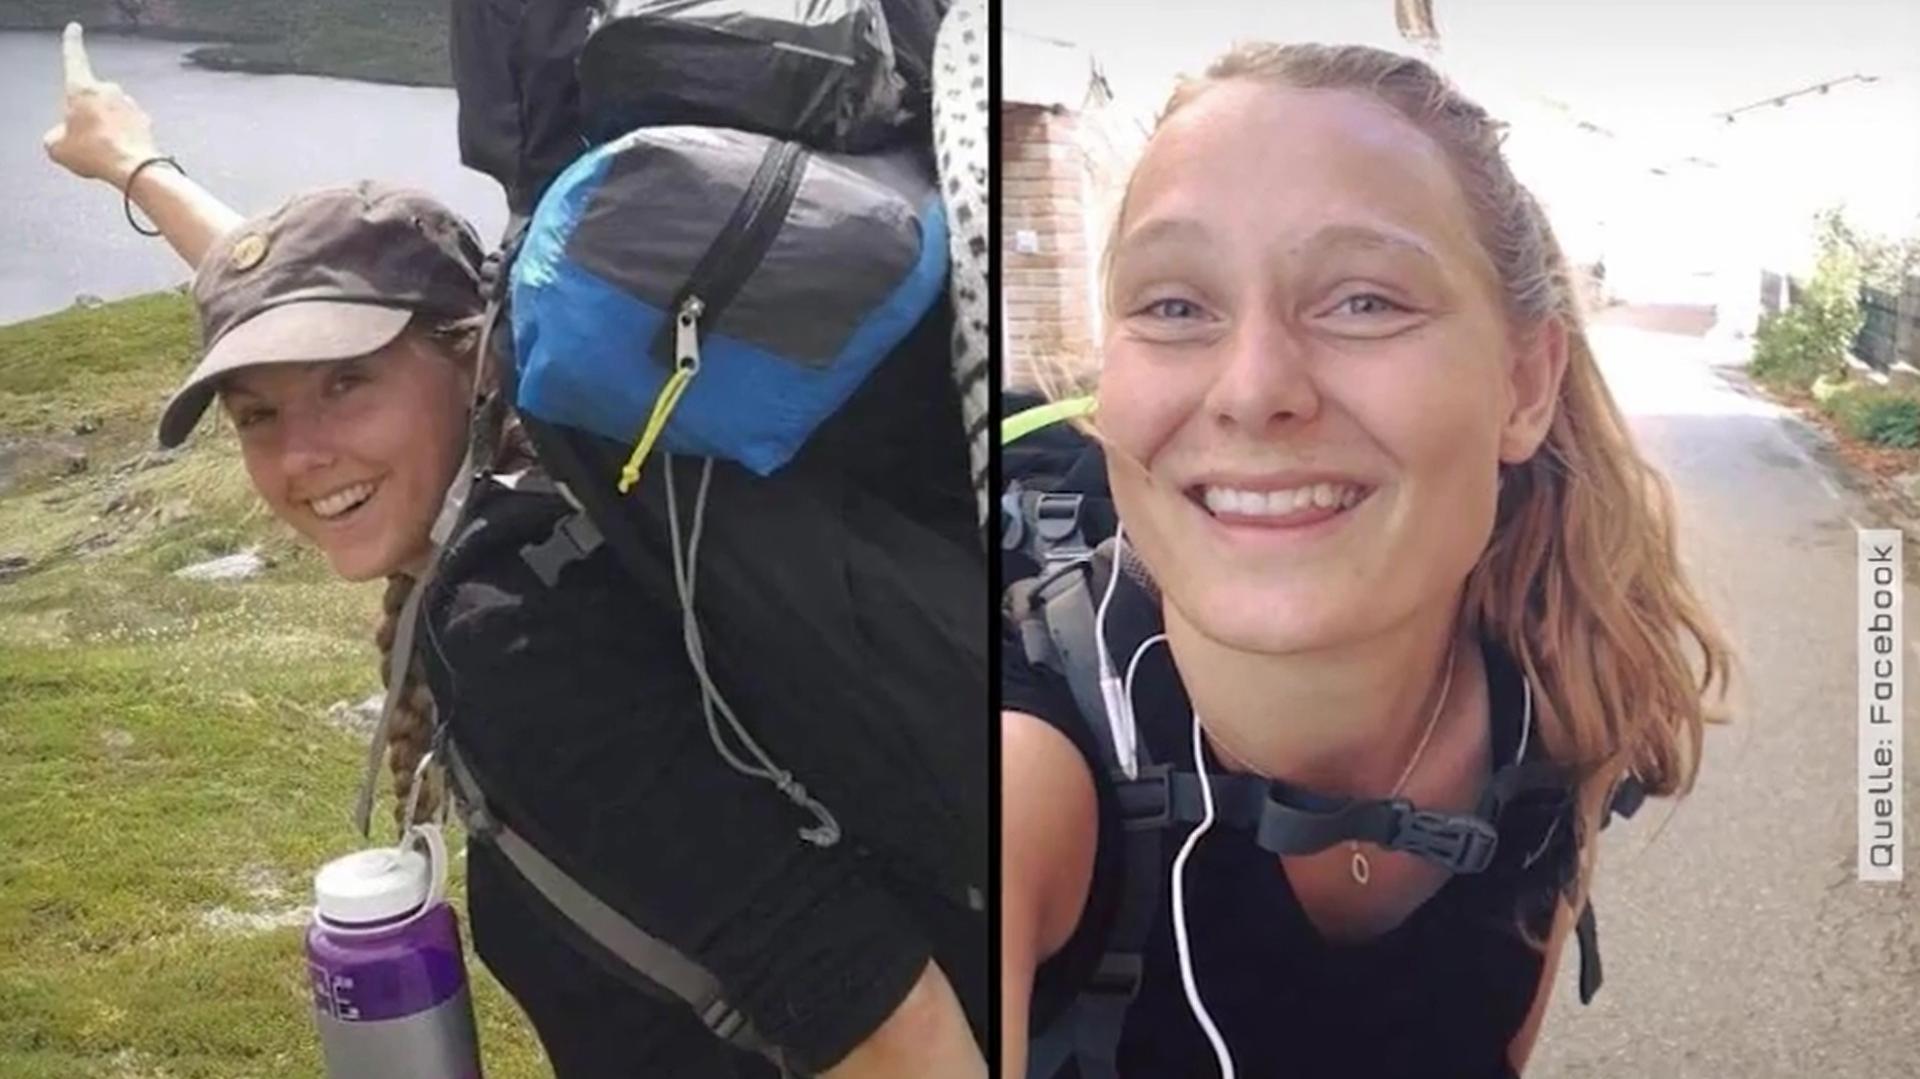 Haben Radikale Muslime Die Dänische Studentin Ganz Langsam Lebendig